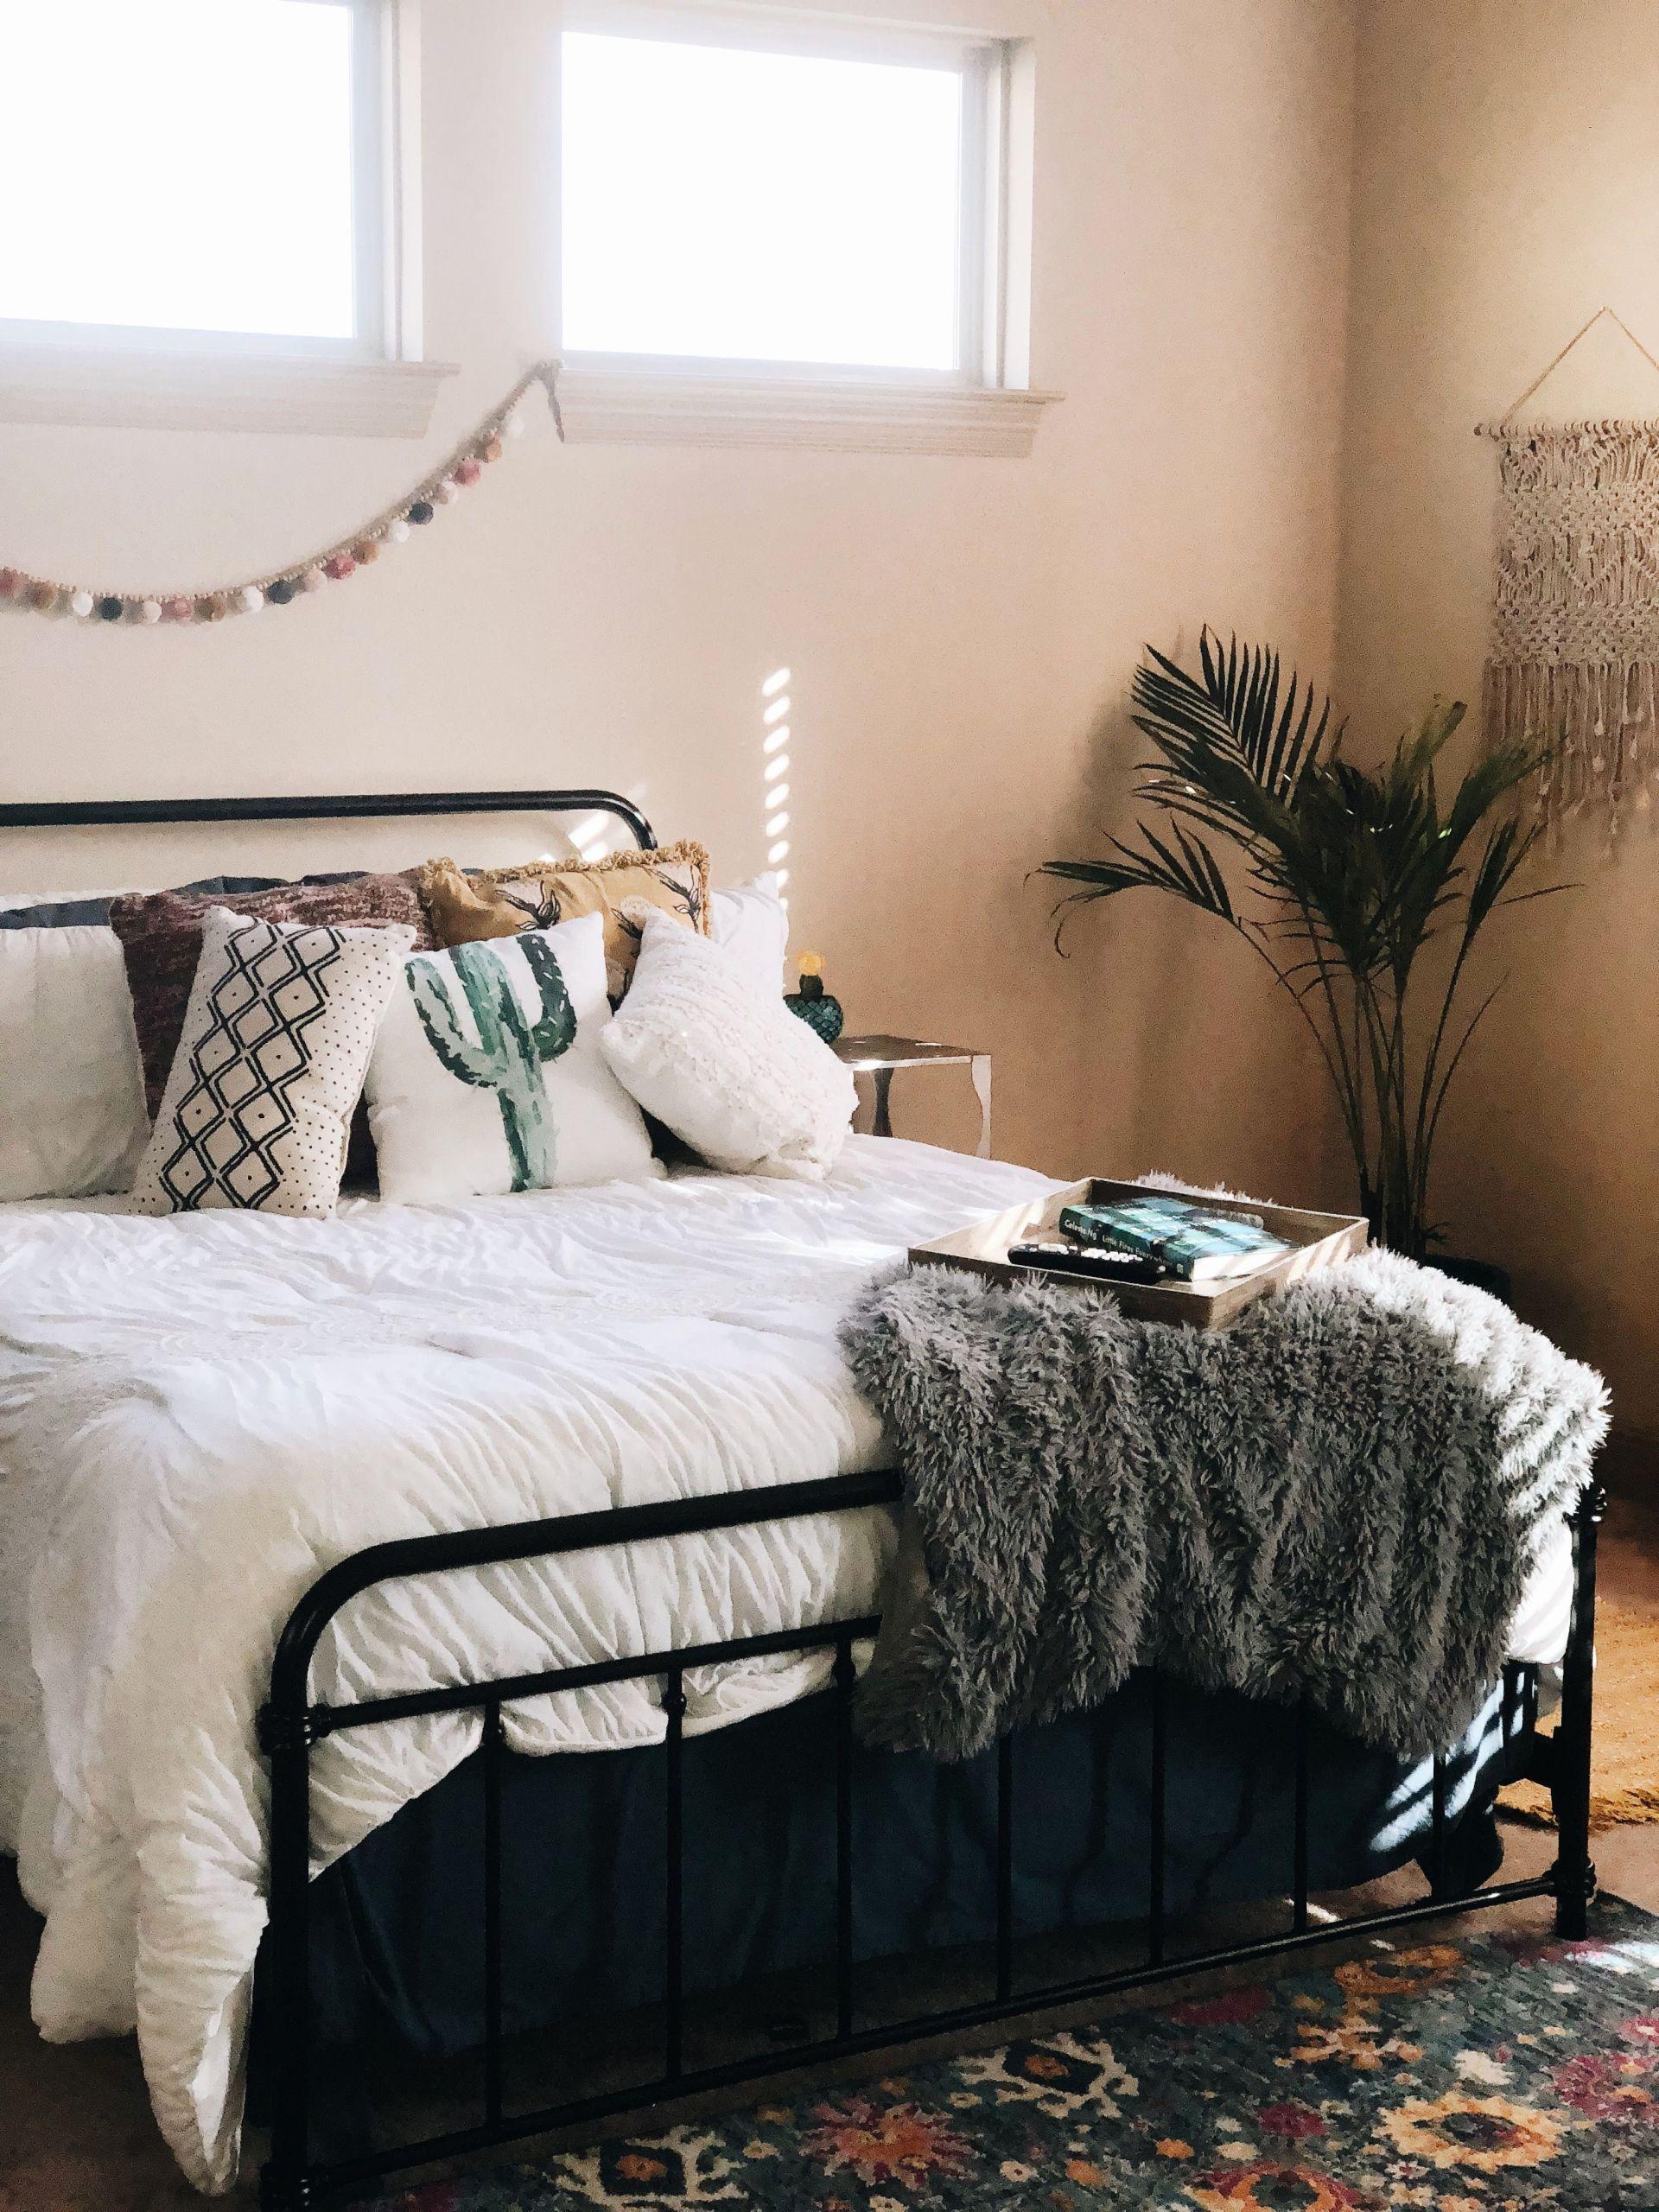 Paris Bedroom Decor Target Inspirational Pin by Sara Tinsley On